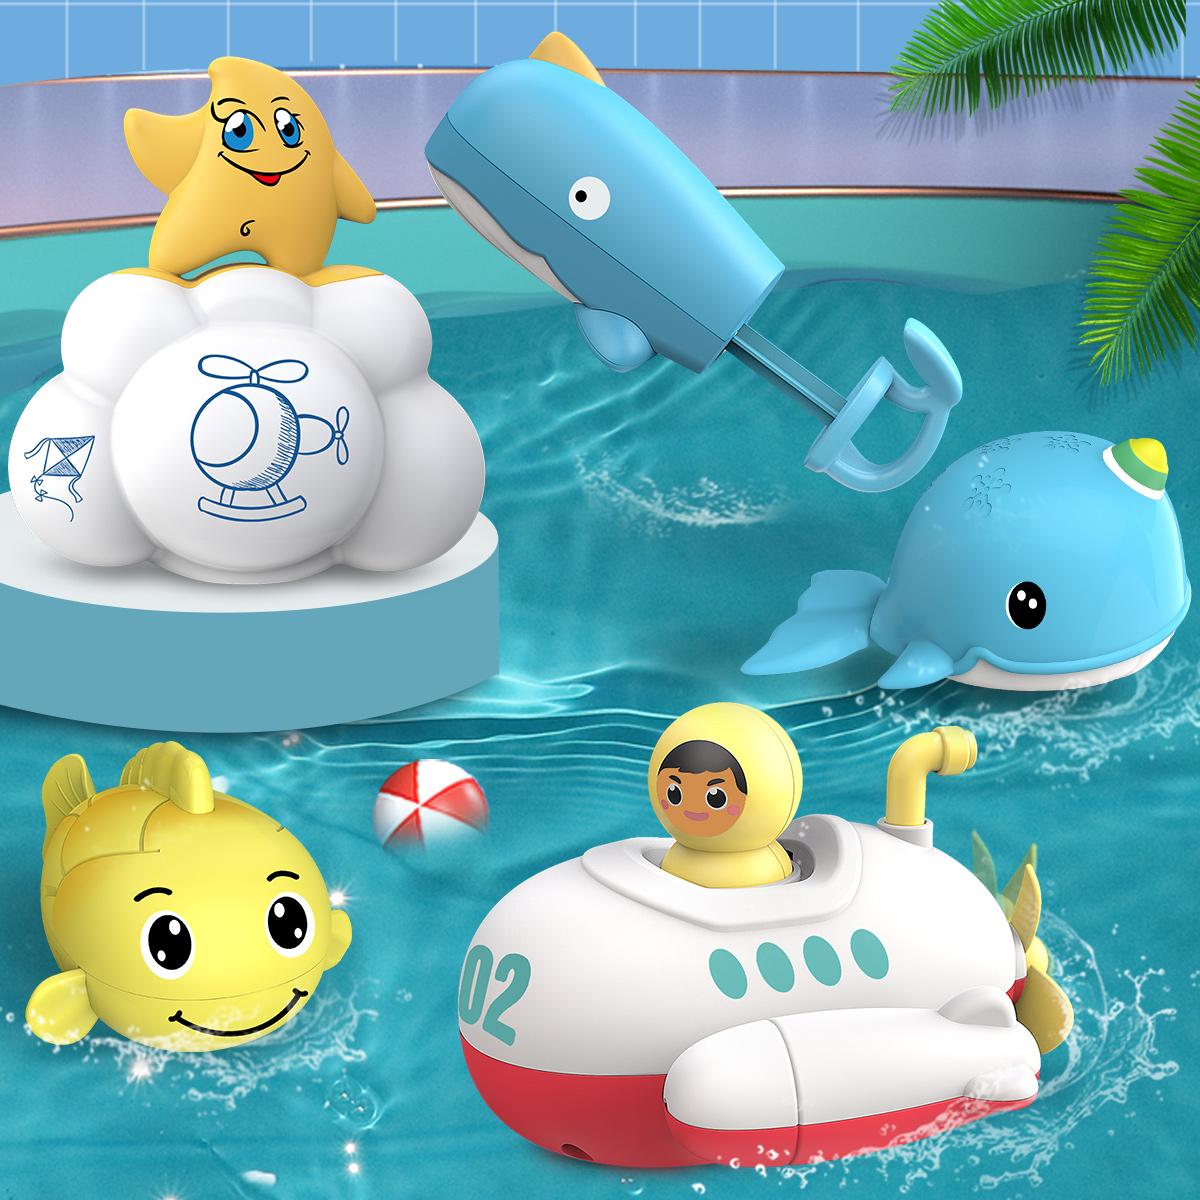 宝宝洗澡小鸭子游泳儿童戏水玩具婴儿沐浴花洒男孩女孩1抖音同款2